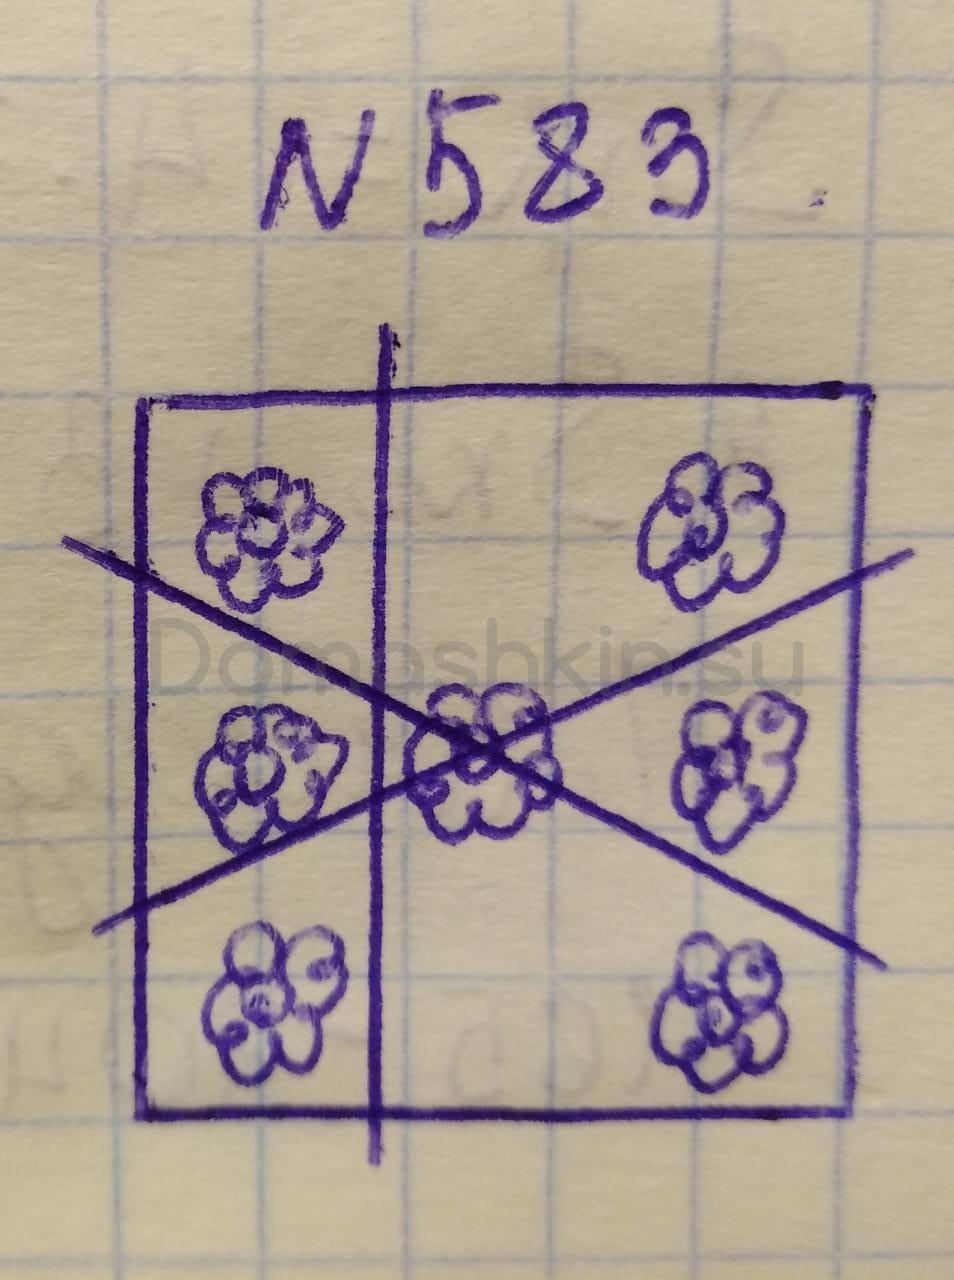 Математика 5 класс учебник Никольский номер 583 решение